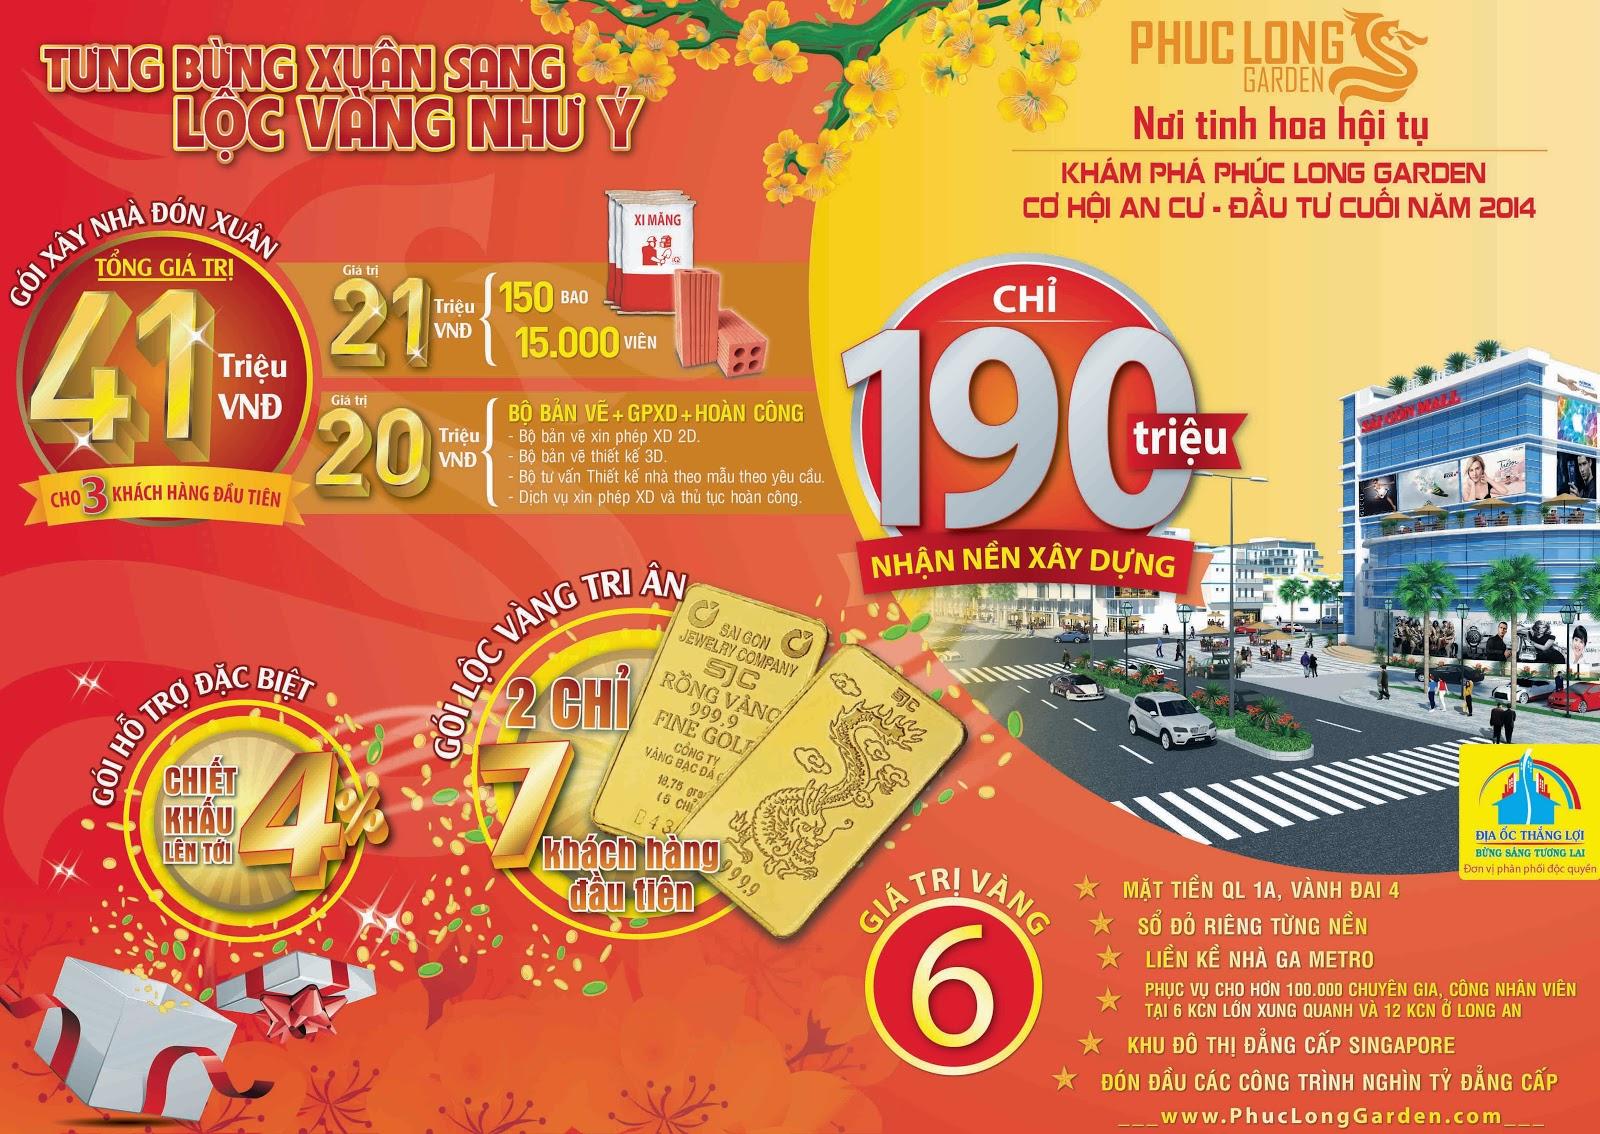 http://www.nhadatdongnambo.com/2014/11/pho-chuyen-gia-phuc-long-garden.html